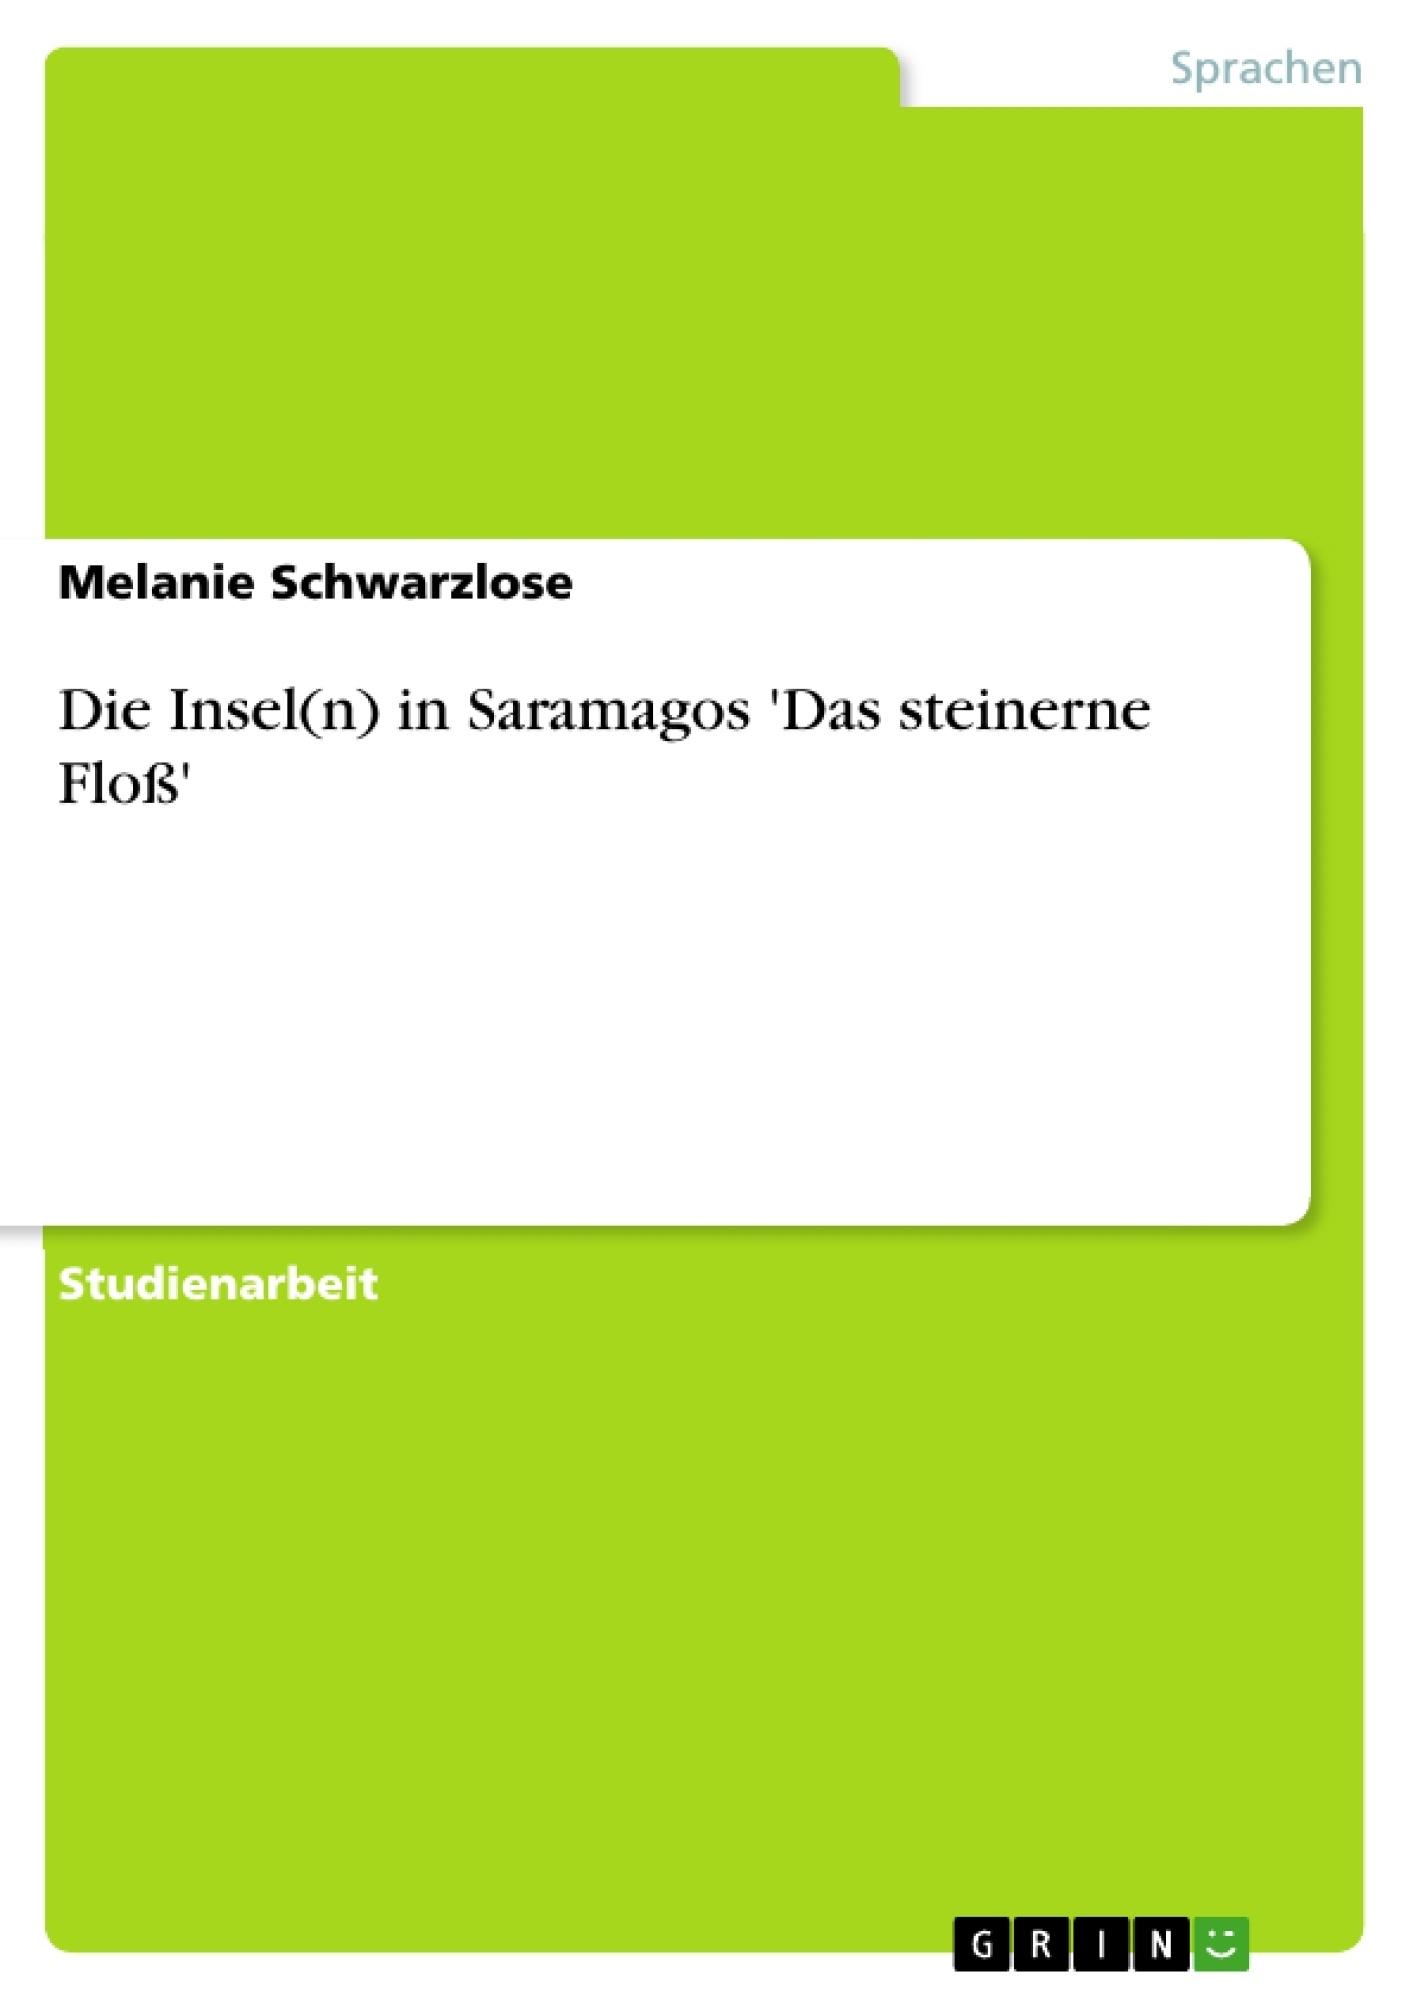 Titel: Die Insel(n) in Saramagos 'Das steinerne Floß'